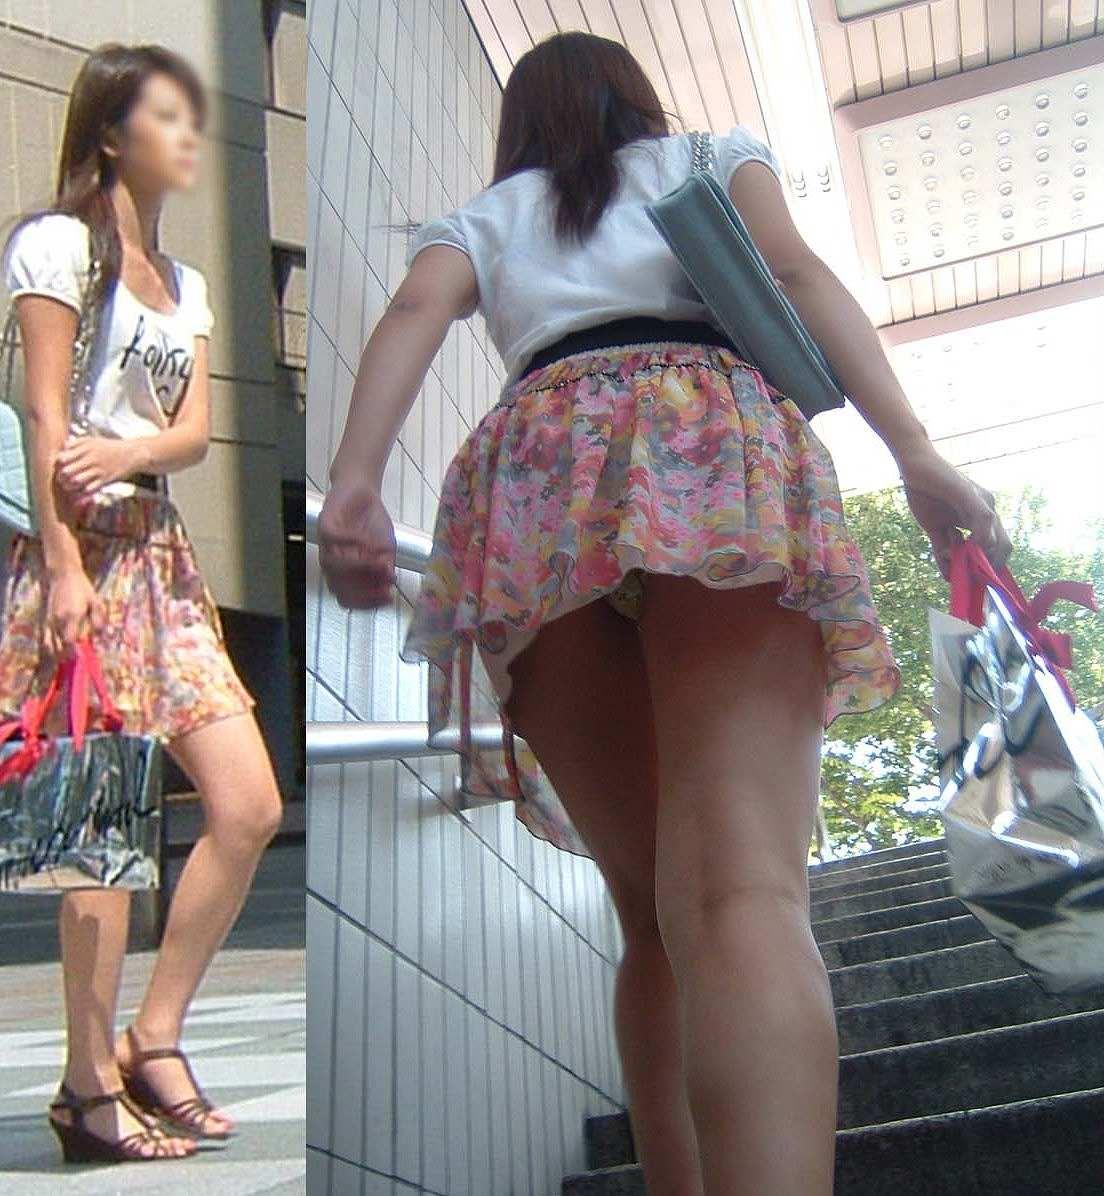 駅に行くだけでこんなにパンツが見られる季節なんだから外でろよwwwwww